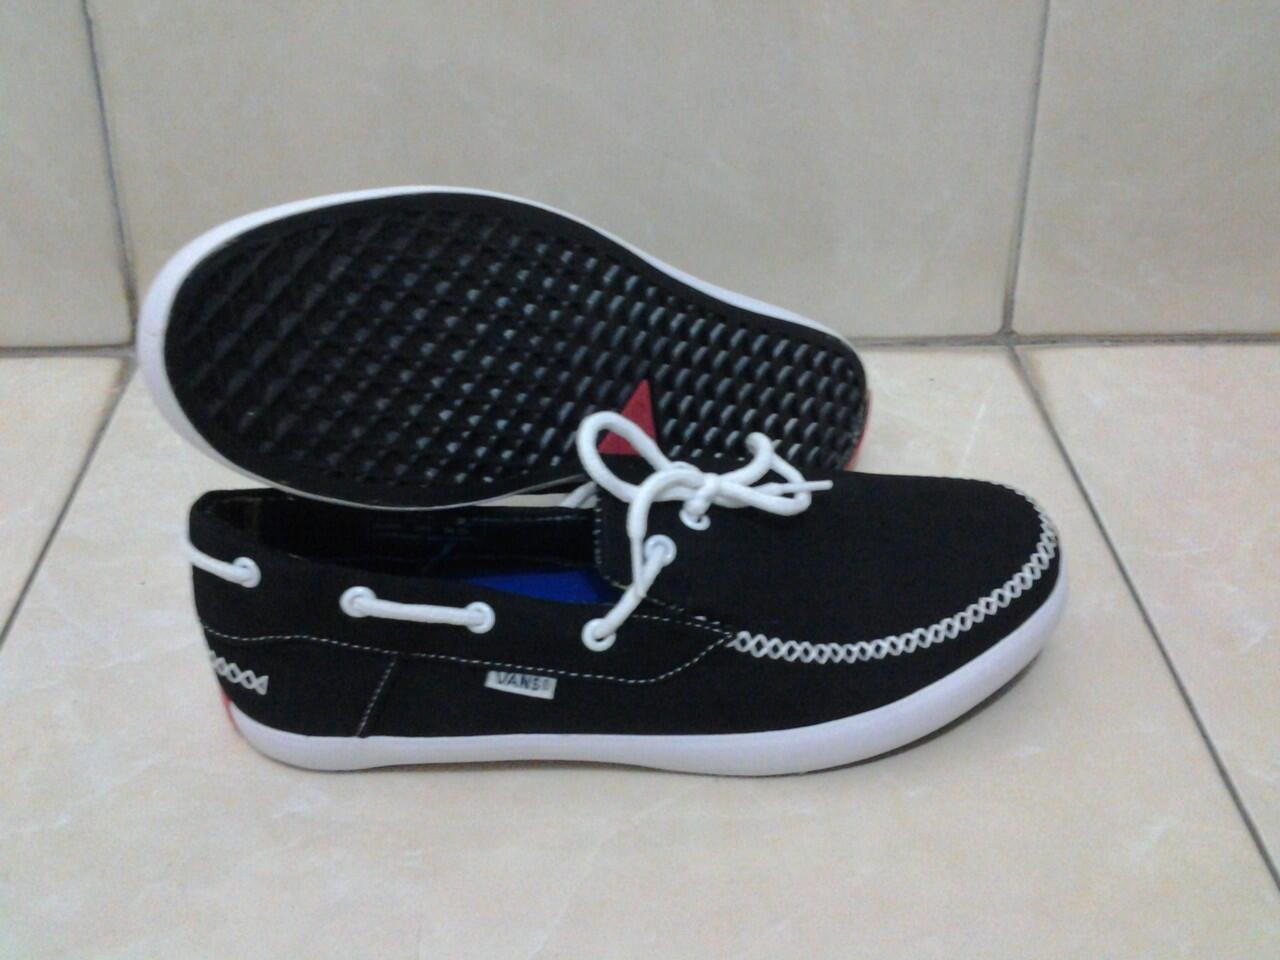 Terjual Jual Sepatu Vans On the wall murah n keren..  ea7ee884a0